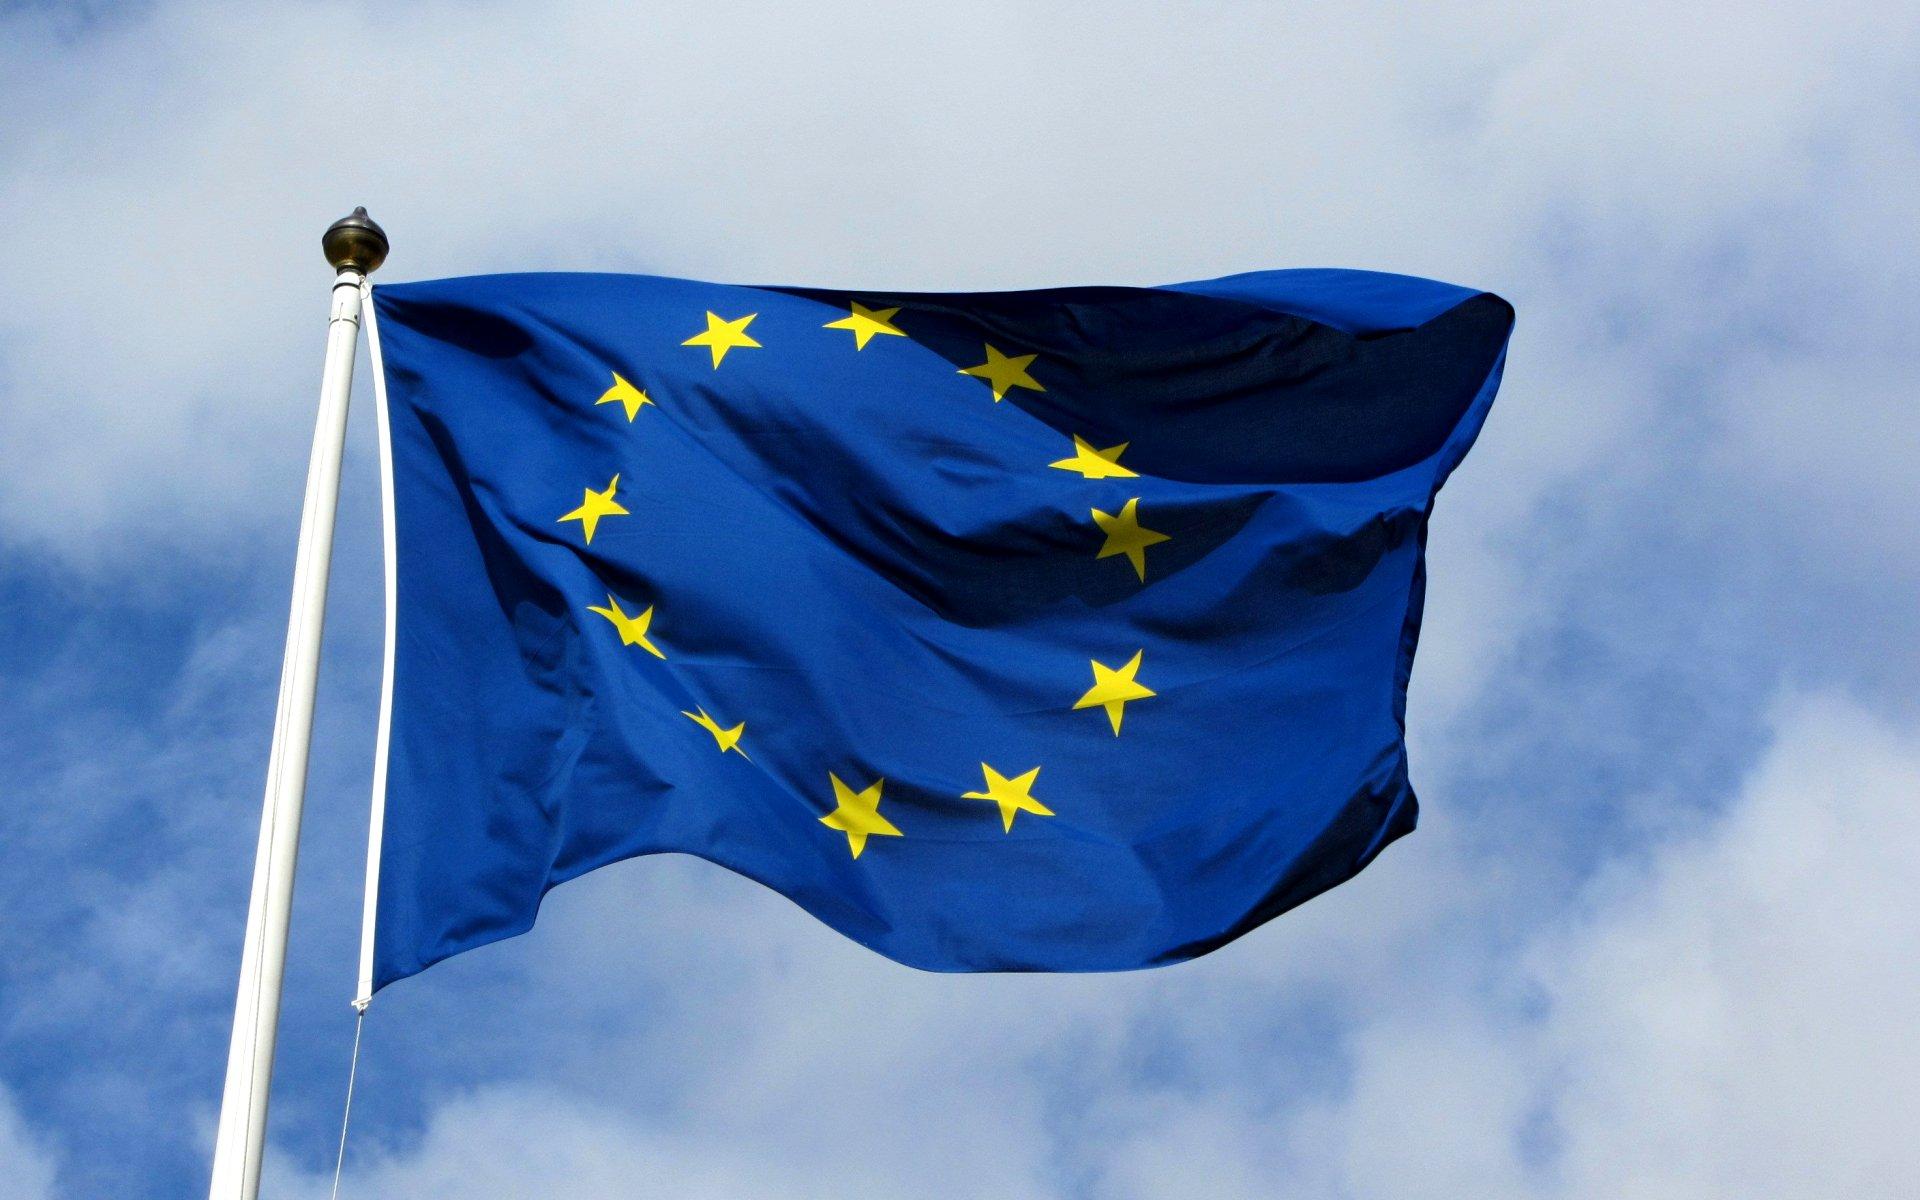 Еврокомиссия подала в суд на Британию за невыплату около 100 миллионов евро